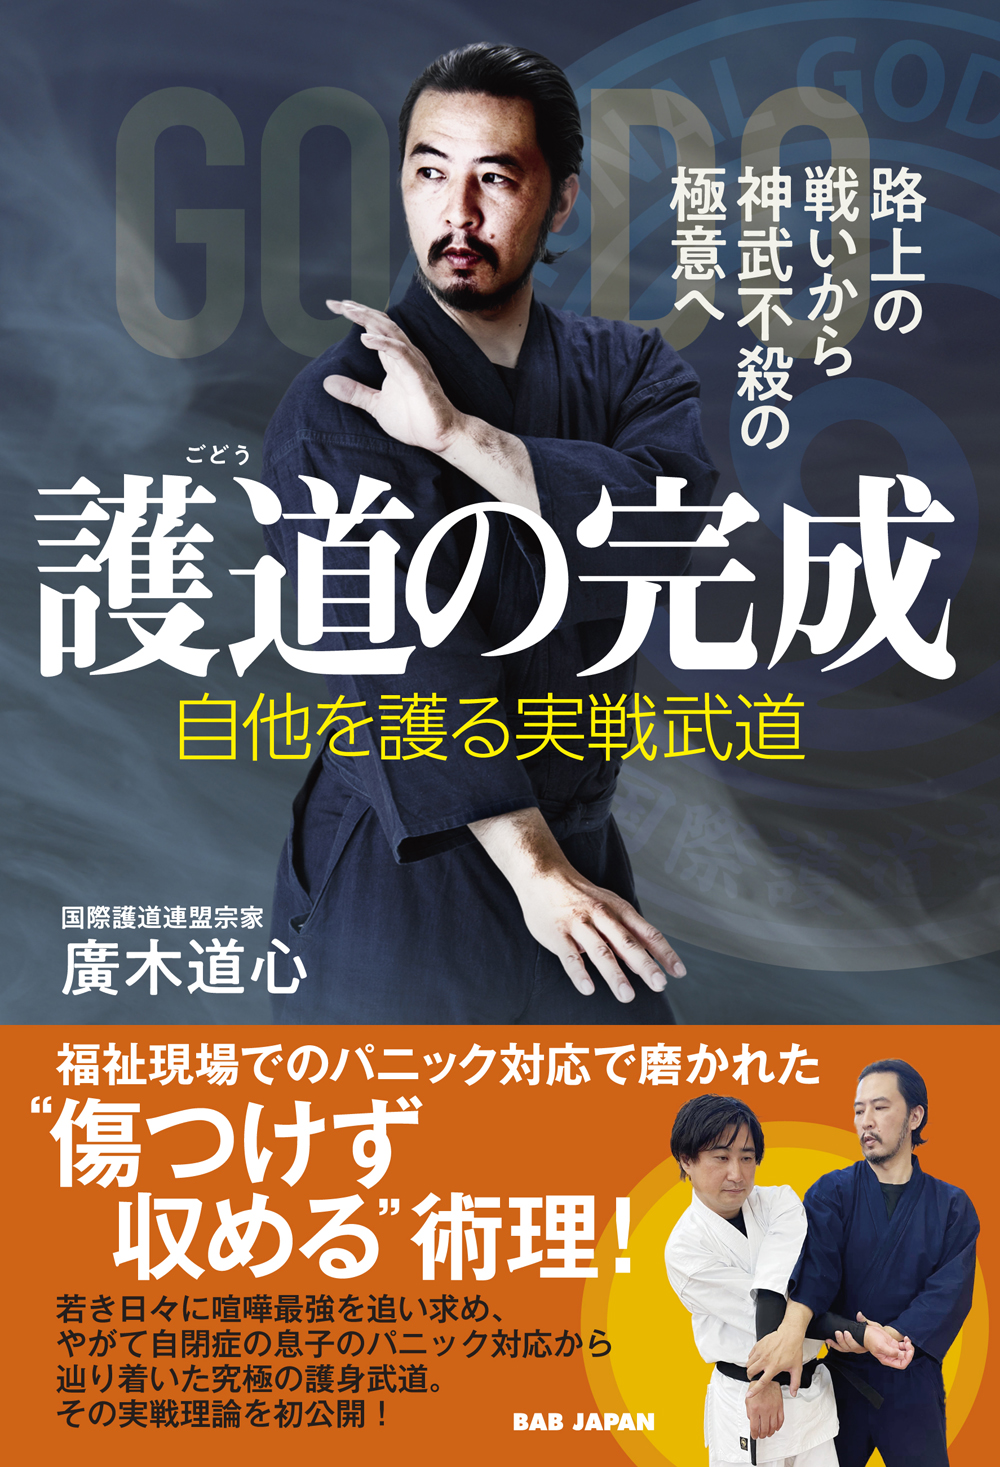 書籍 護道の完成(9/22発売 予約受付中!)